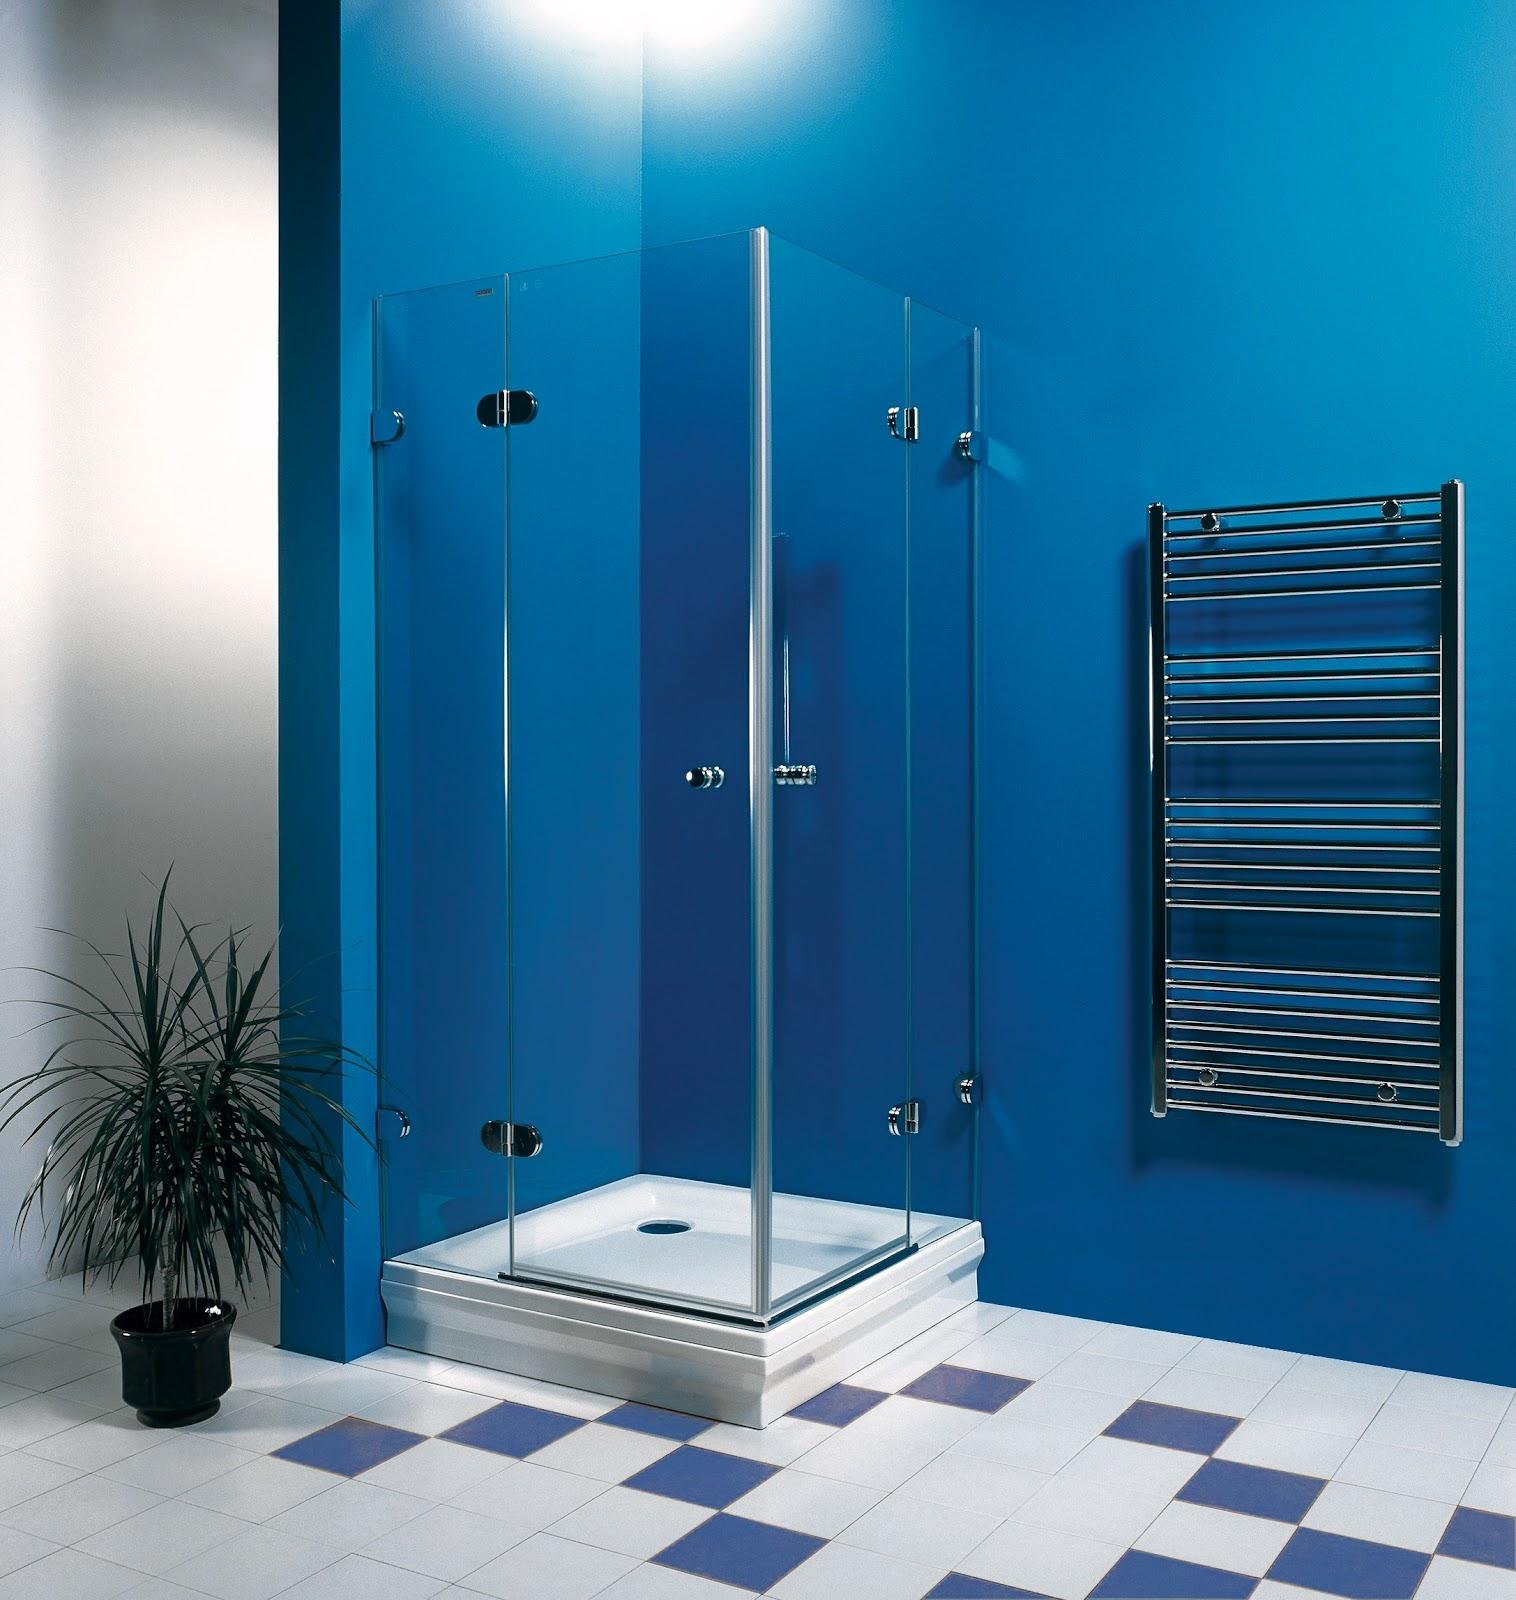 Jpvidrios puertas de duchas en vidrio templado - Puertas para duchas ...